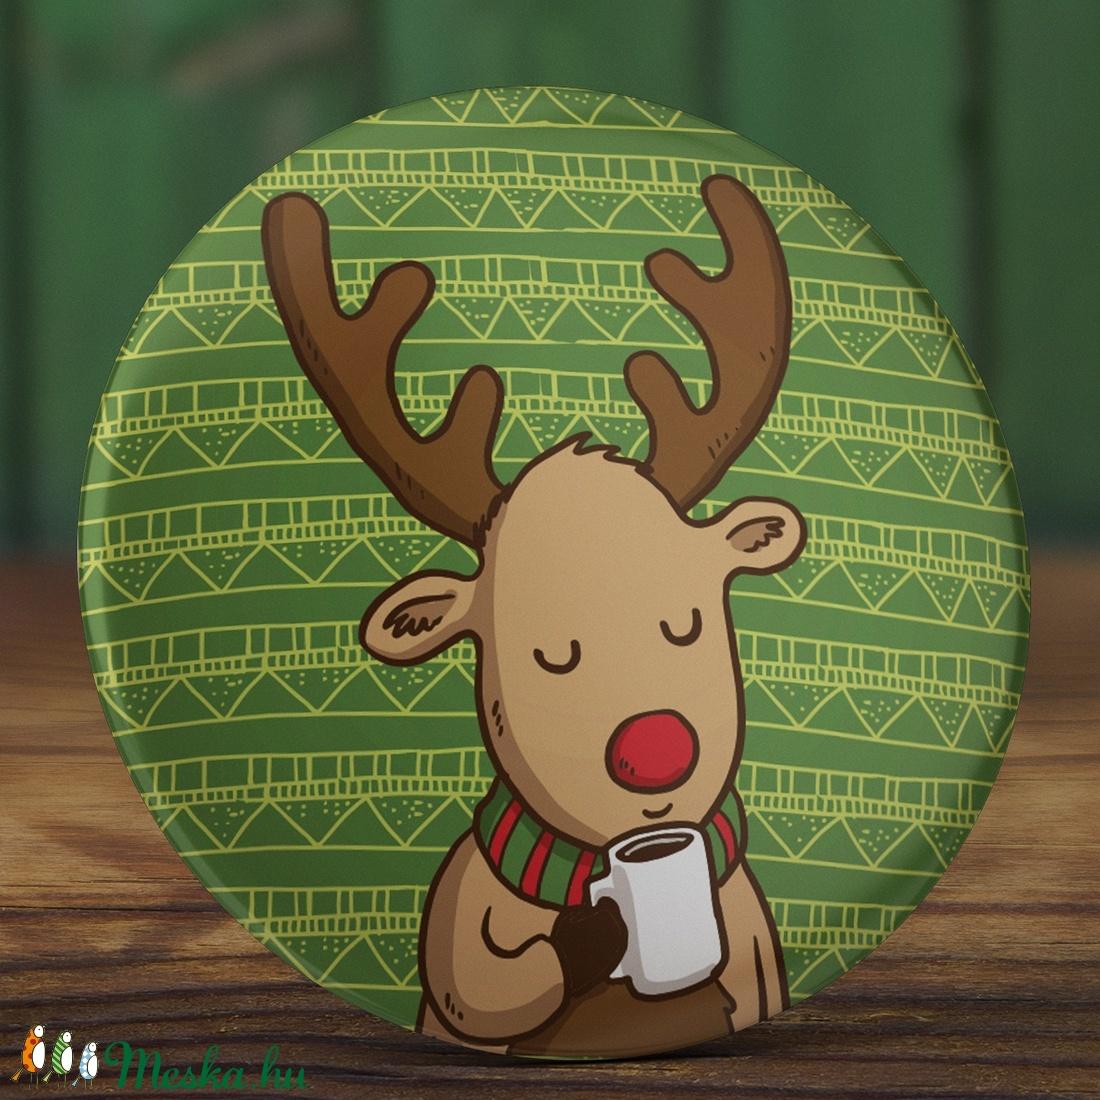 Karácsonyi tükör - Kávézó szarvas zsebtükör - őz tükör - karácsony tükör  - őzike tükör - karácsony ajándék - kávé (AngelPin) - Meska.hu